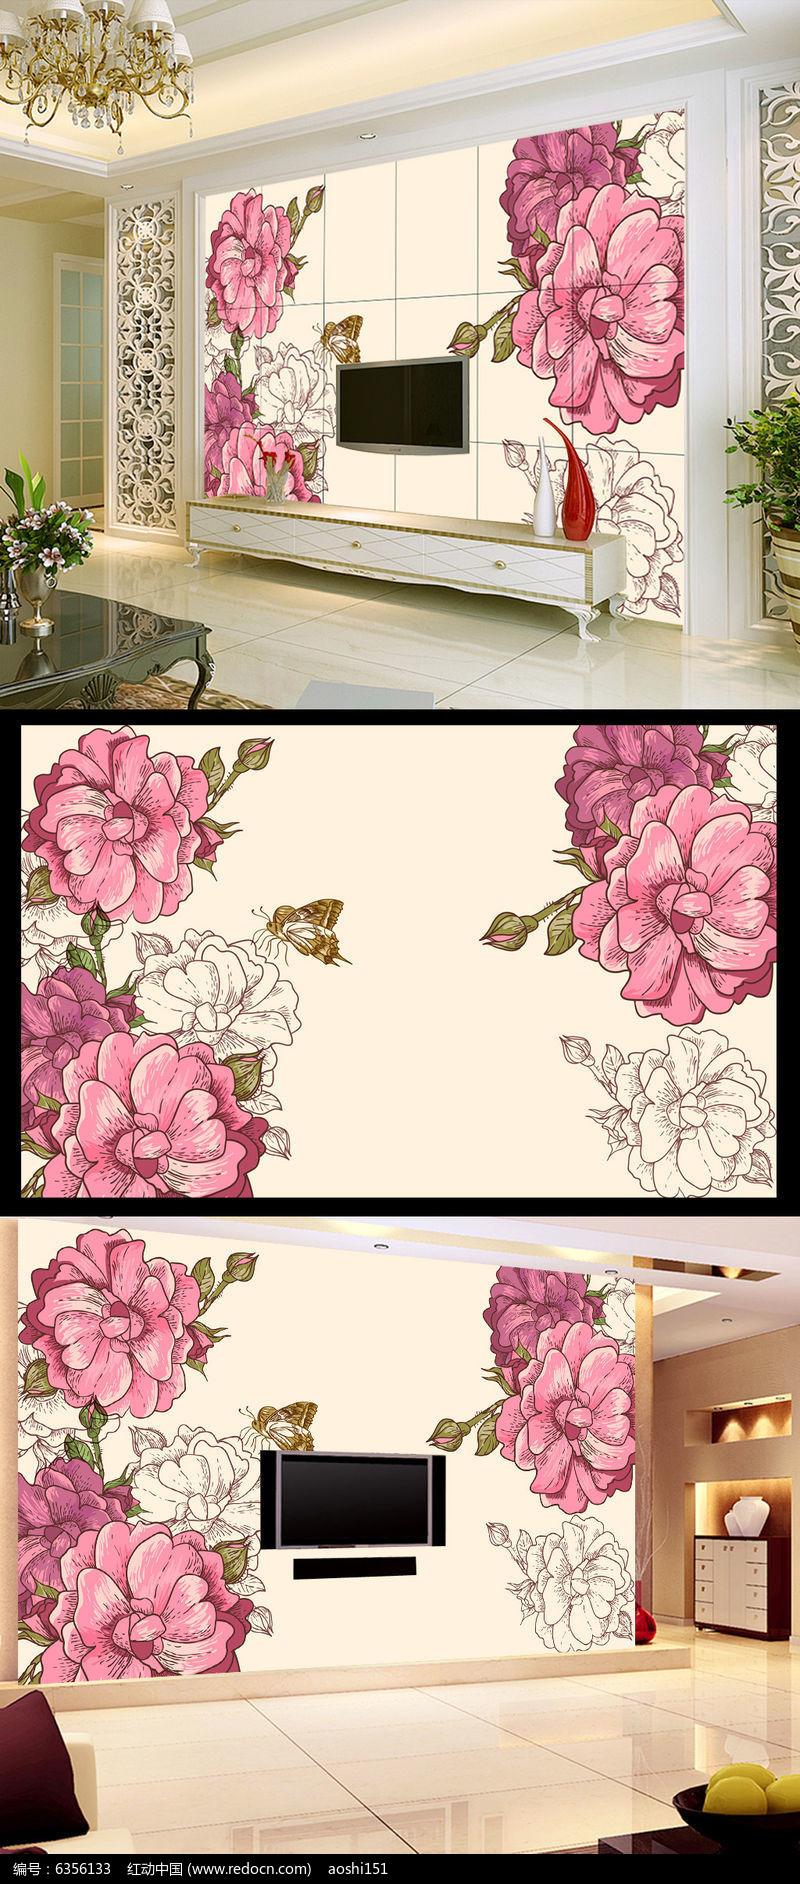 手绘玫瑰花电视背景墙装饰画